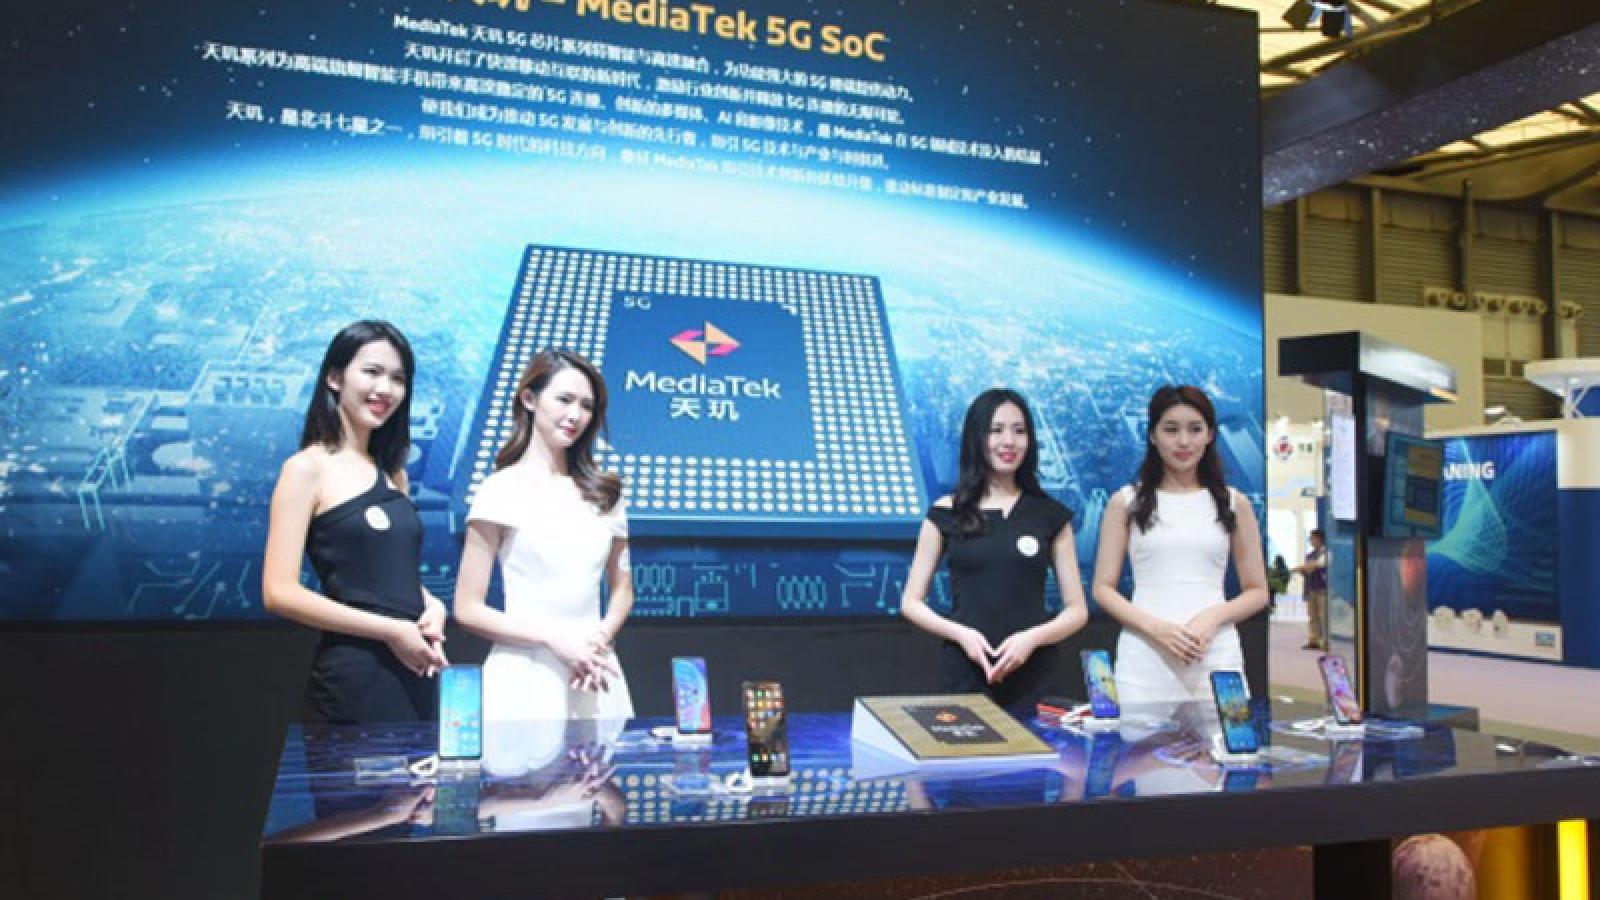 MediaTek trở thành nhà sản xuất chip smartphone lớn nhất thế giới